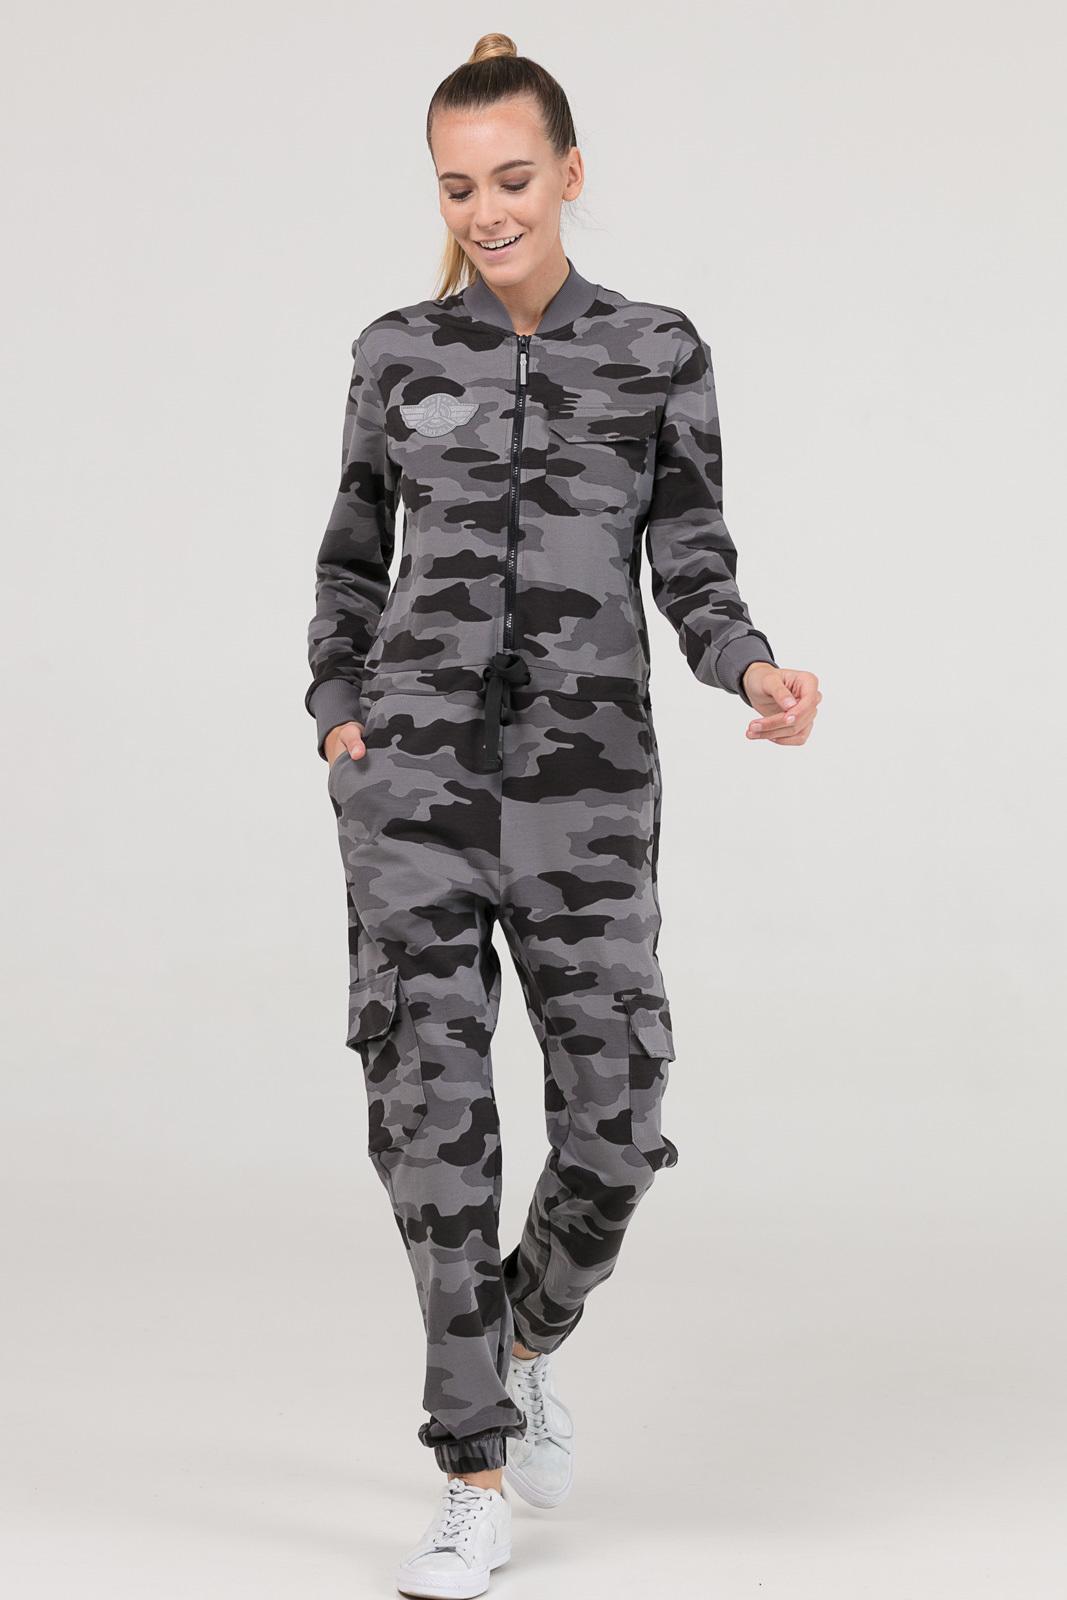 Купить со скидкой Комбинезон Pilot серый камуфляж женский из текстиля